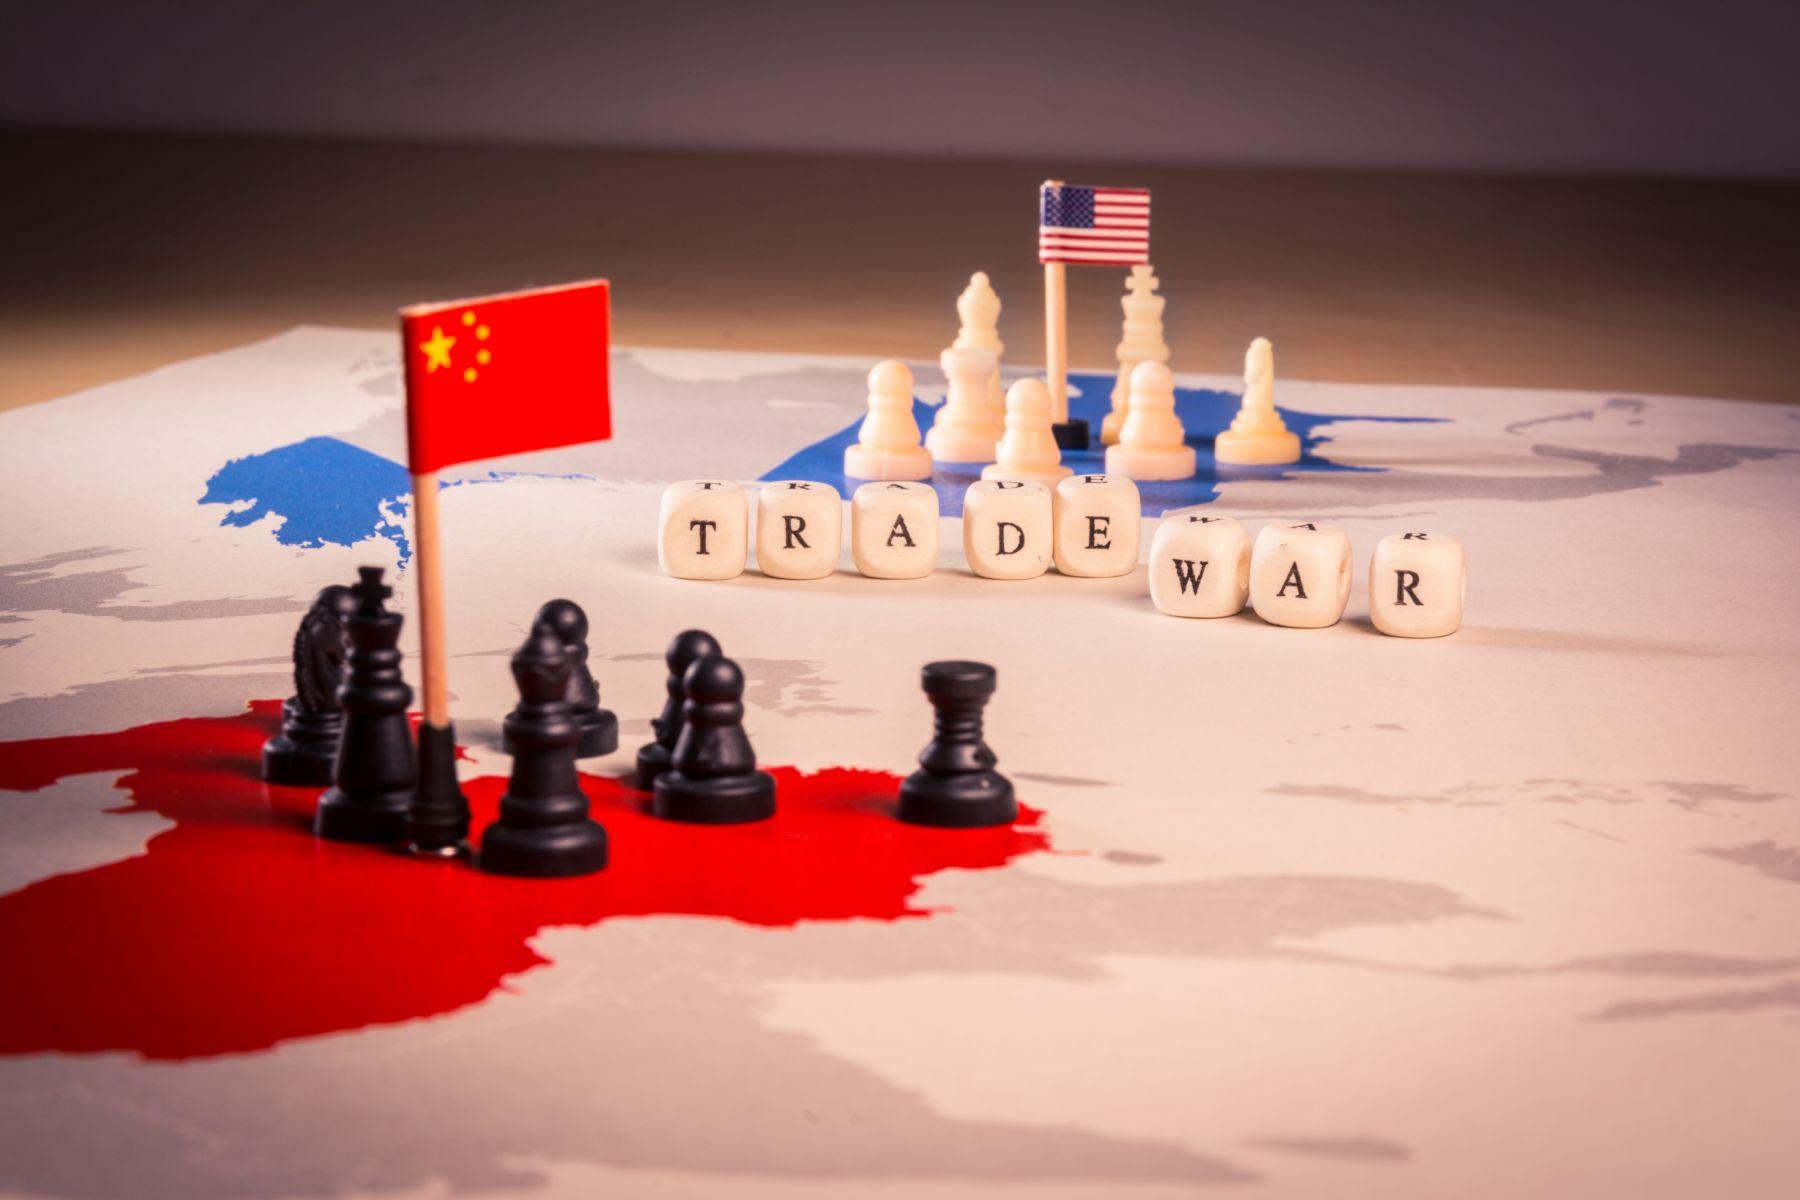 不受川普推文影響 劉鶴準備赴美 中美談判仍有轉圜